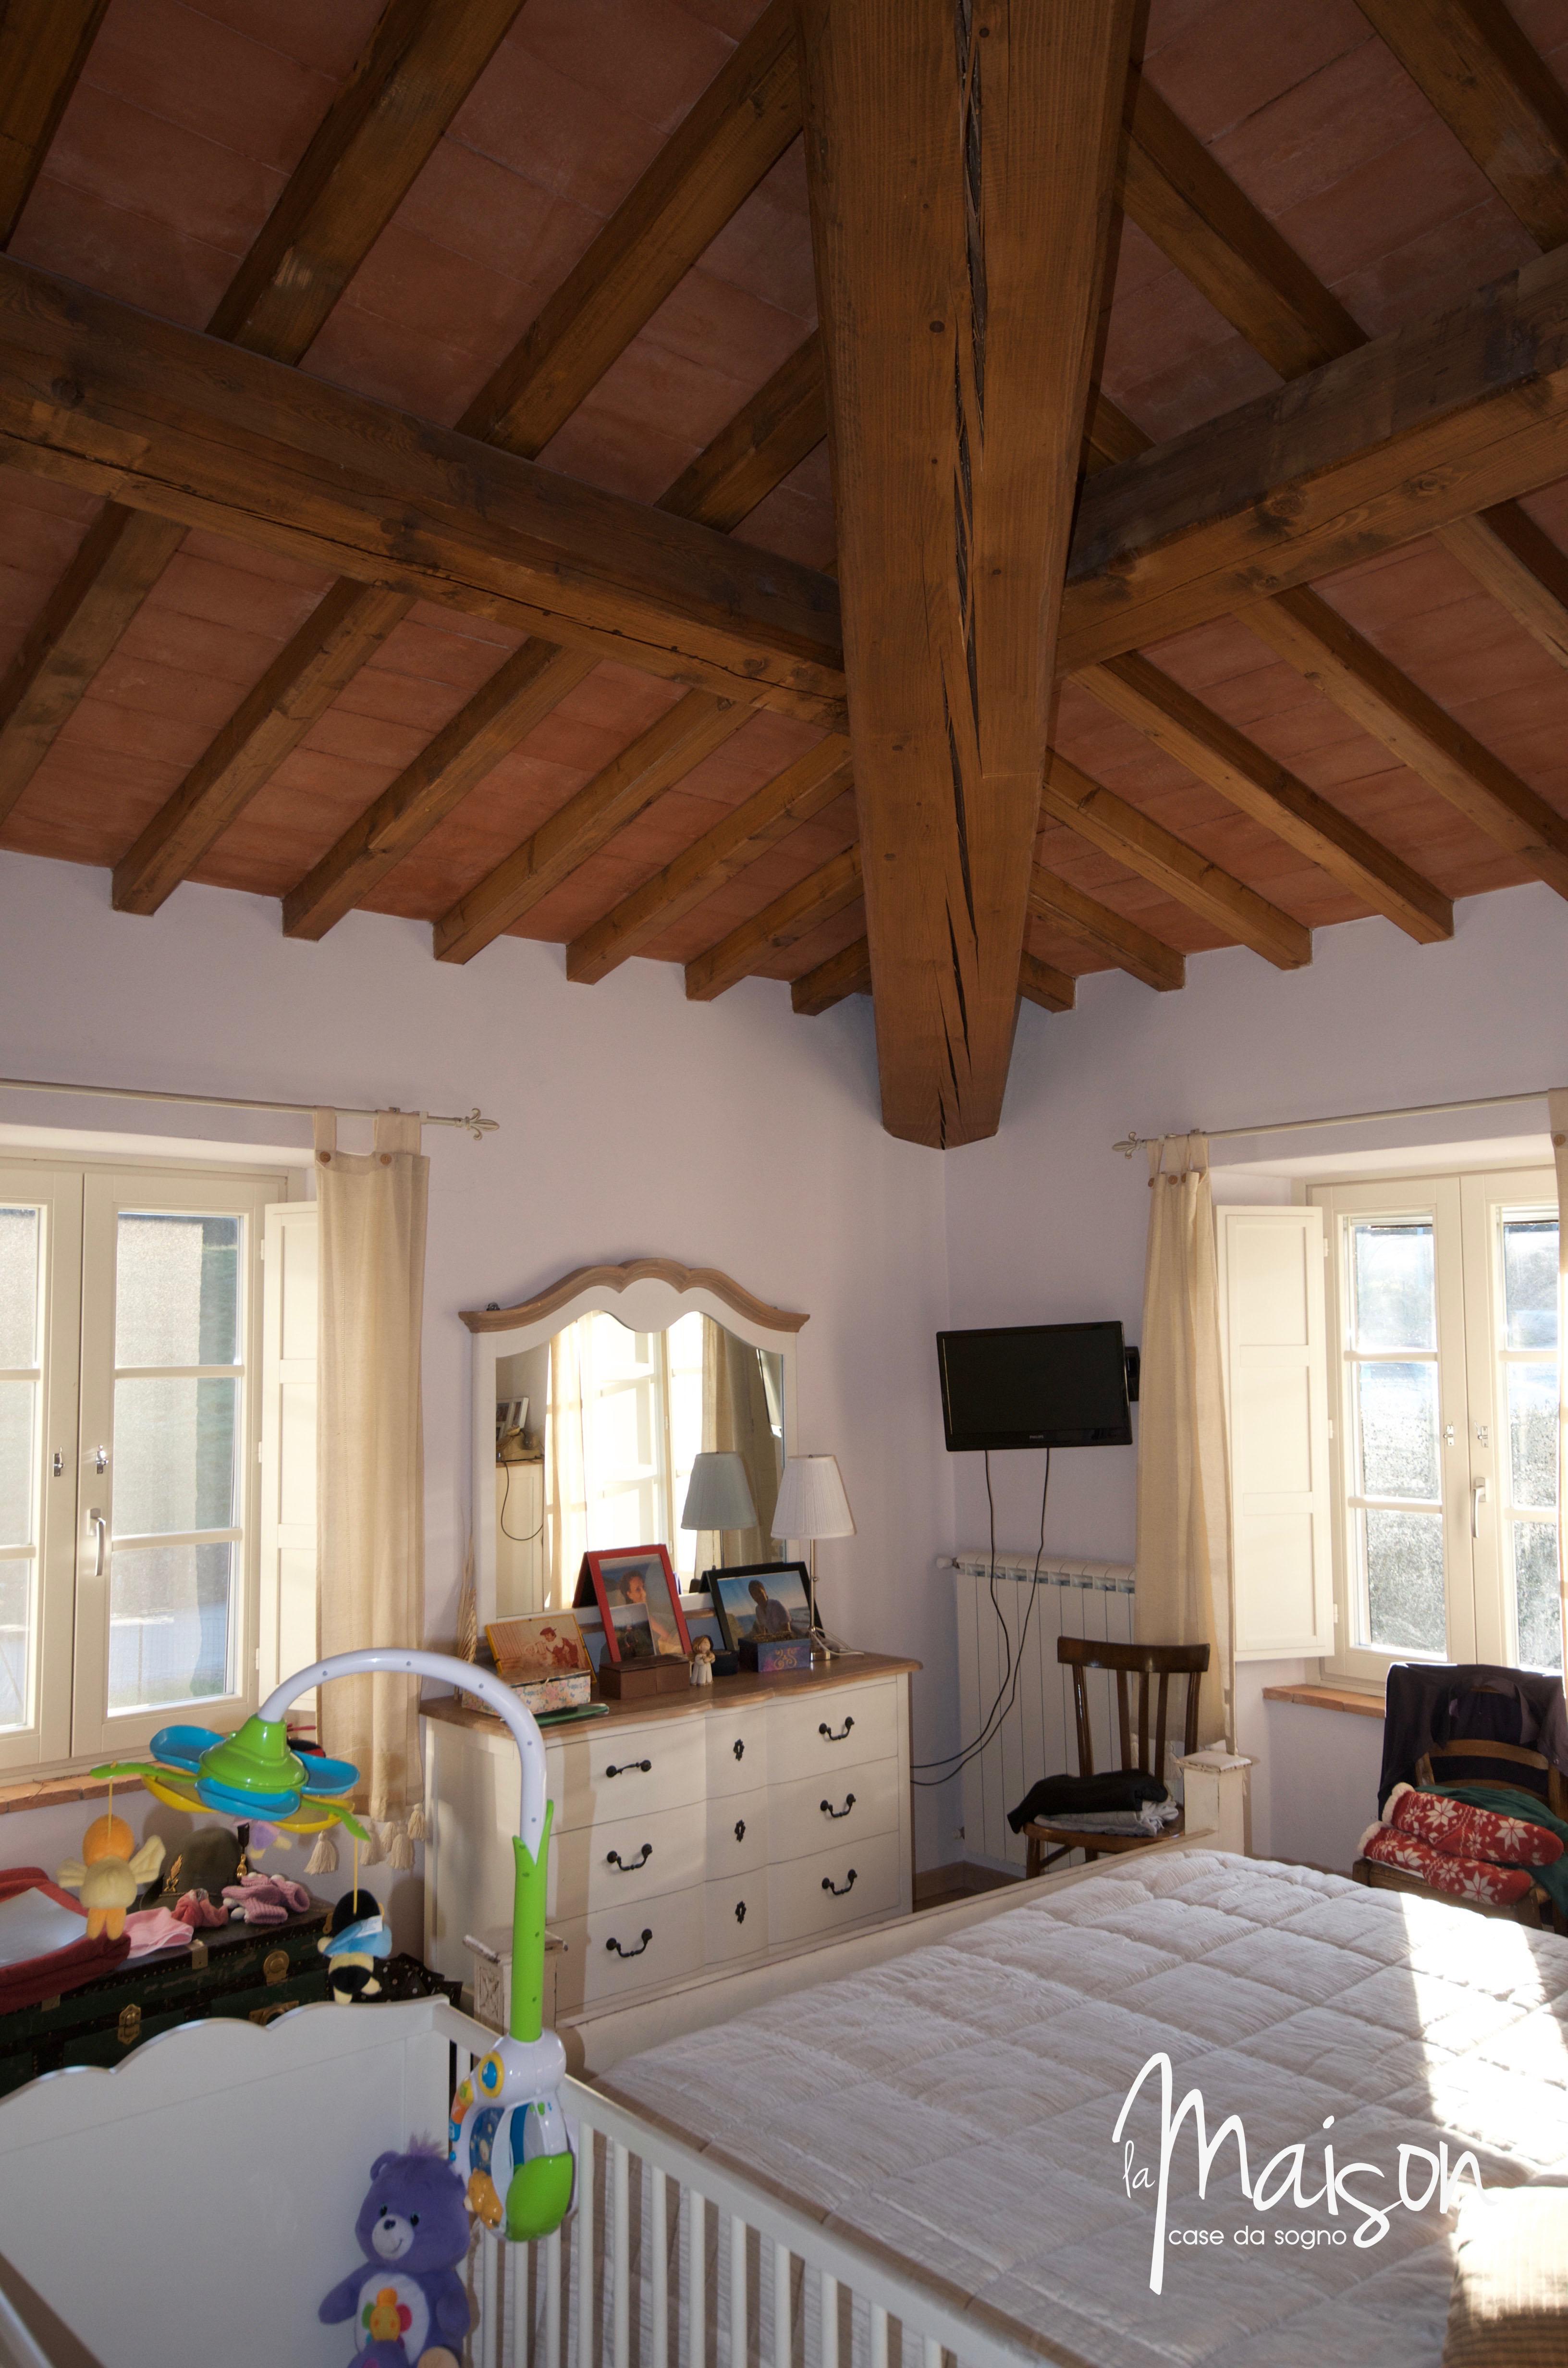 casa vendita vaiano colonica la maison case da sogno agenzia immobiliare prato26 l 39 agenzia 2 0. Black Bedroom Furniture Sets. Home Design Ideas